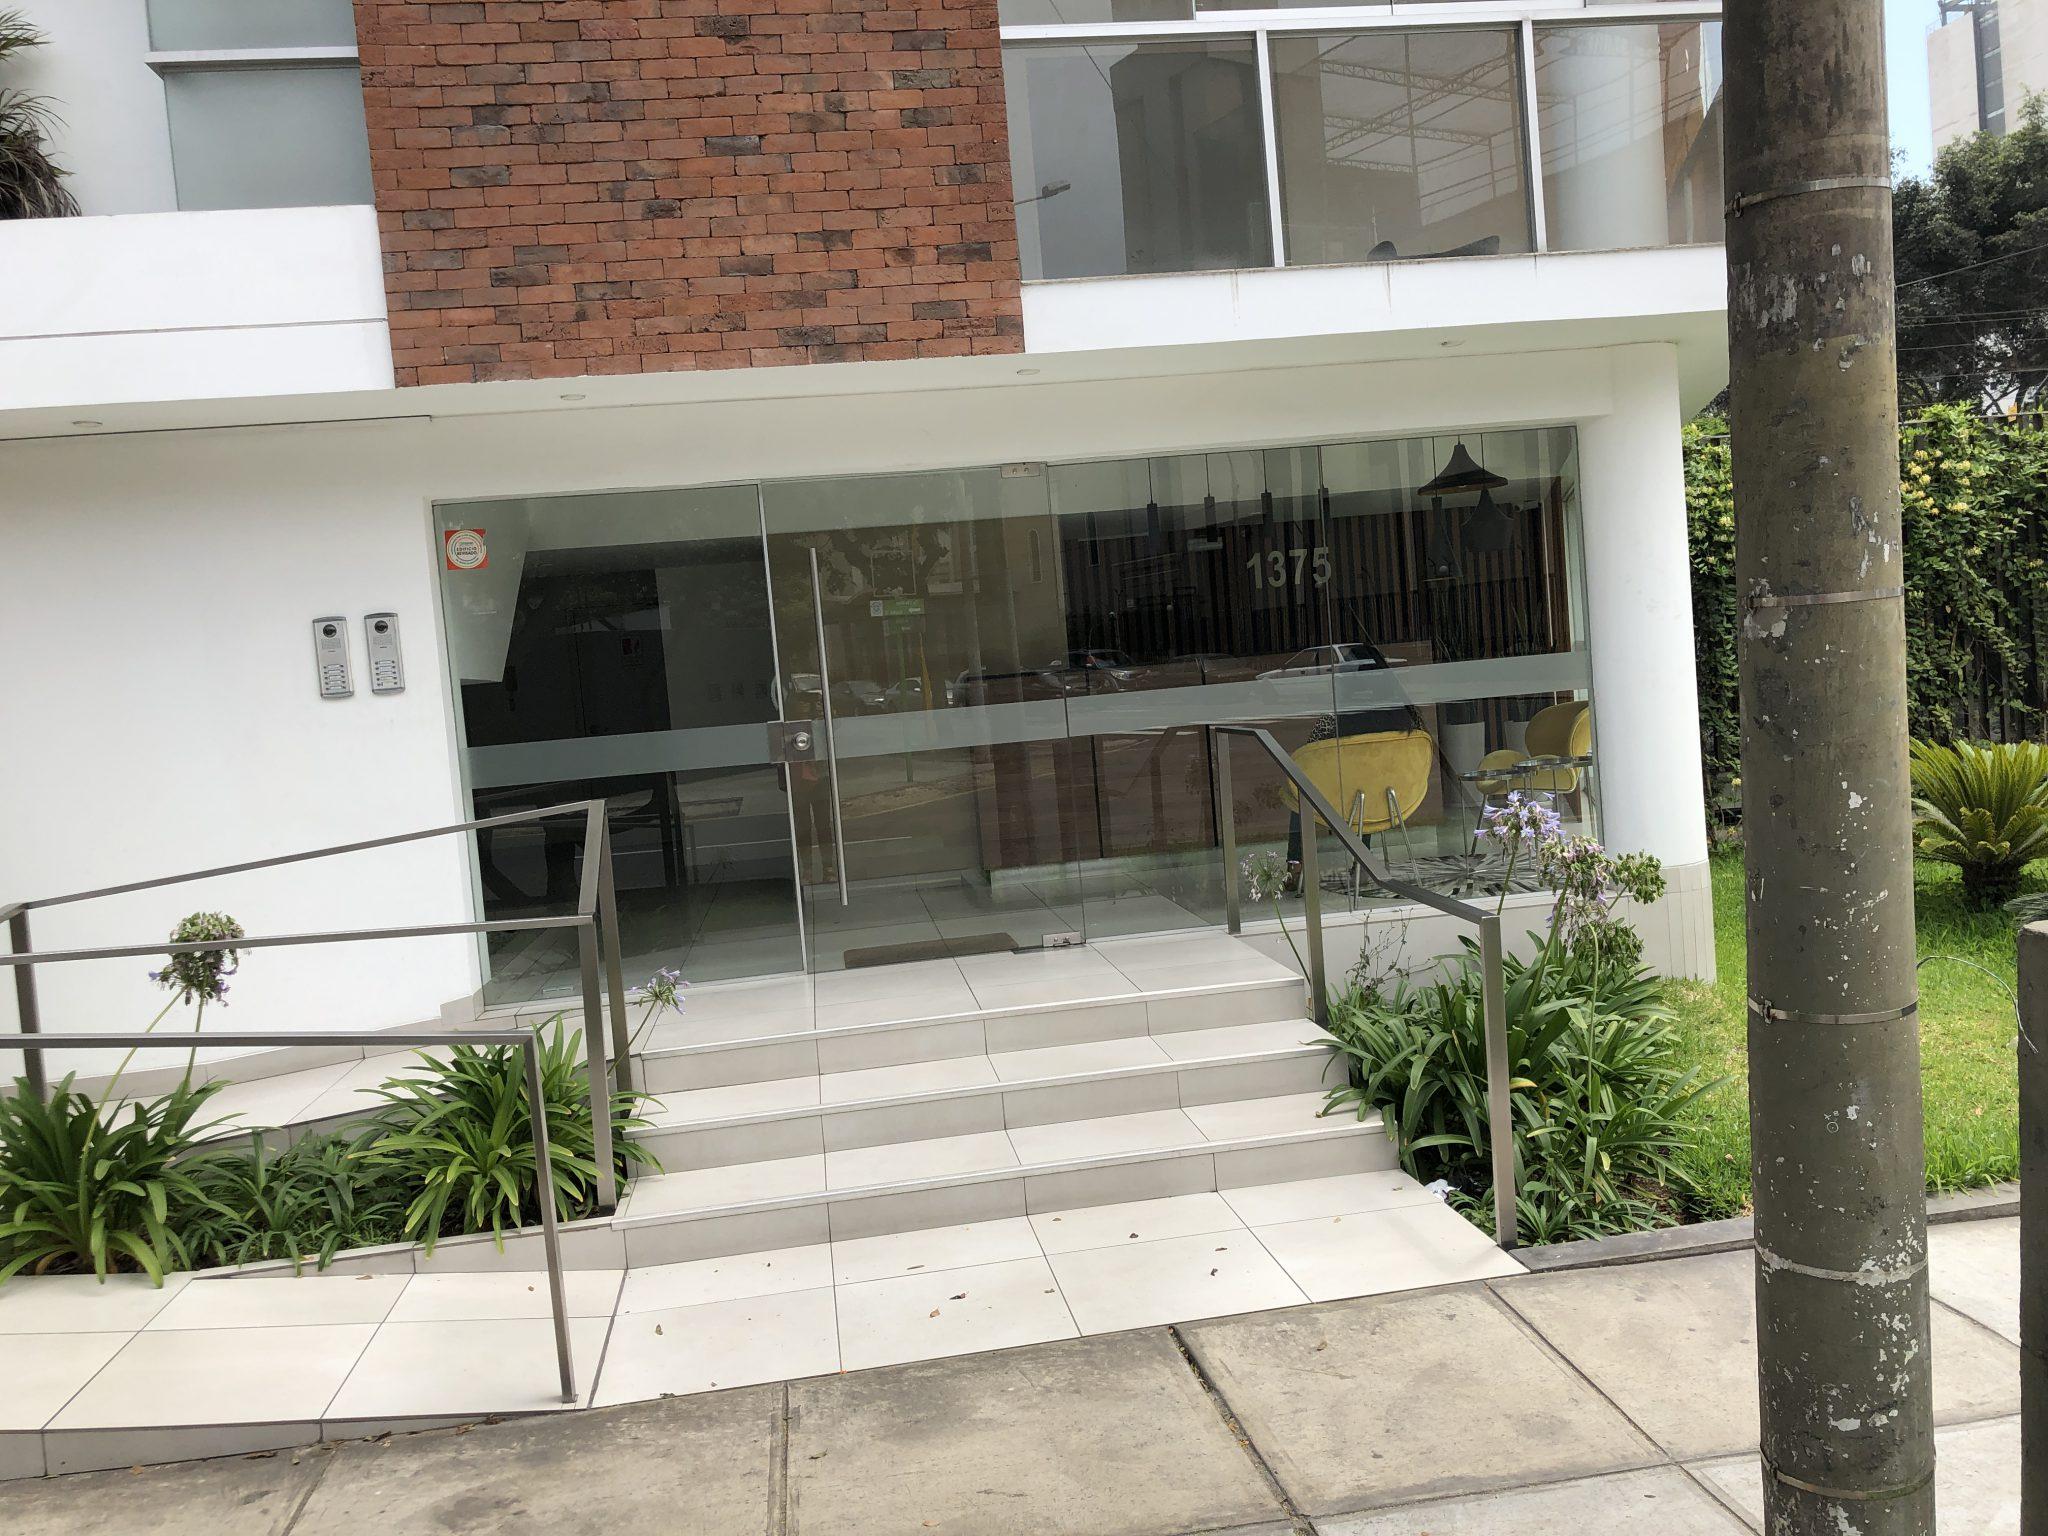 Espectacular dúplex con amplia terraza y finos acabados, vista panorámica a la ciudad. En venta US$ 375,000.00